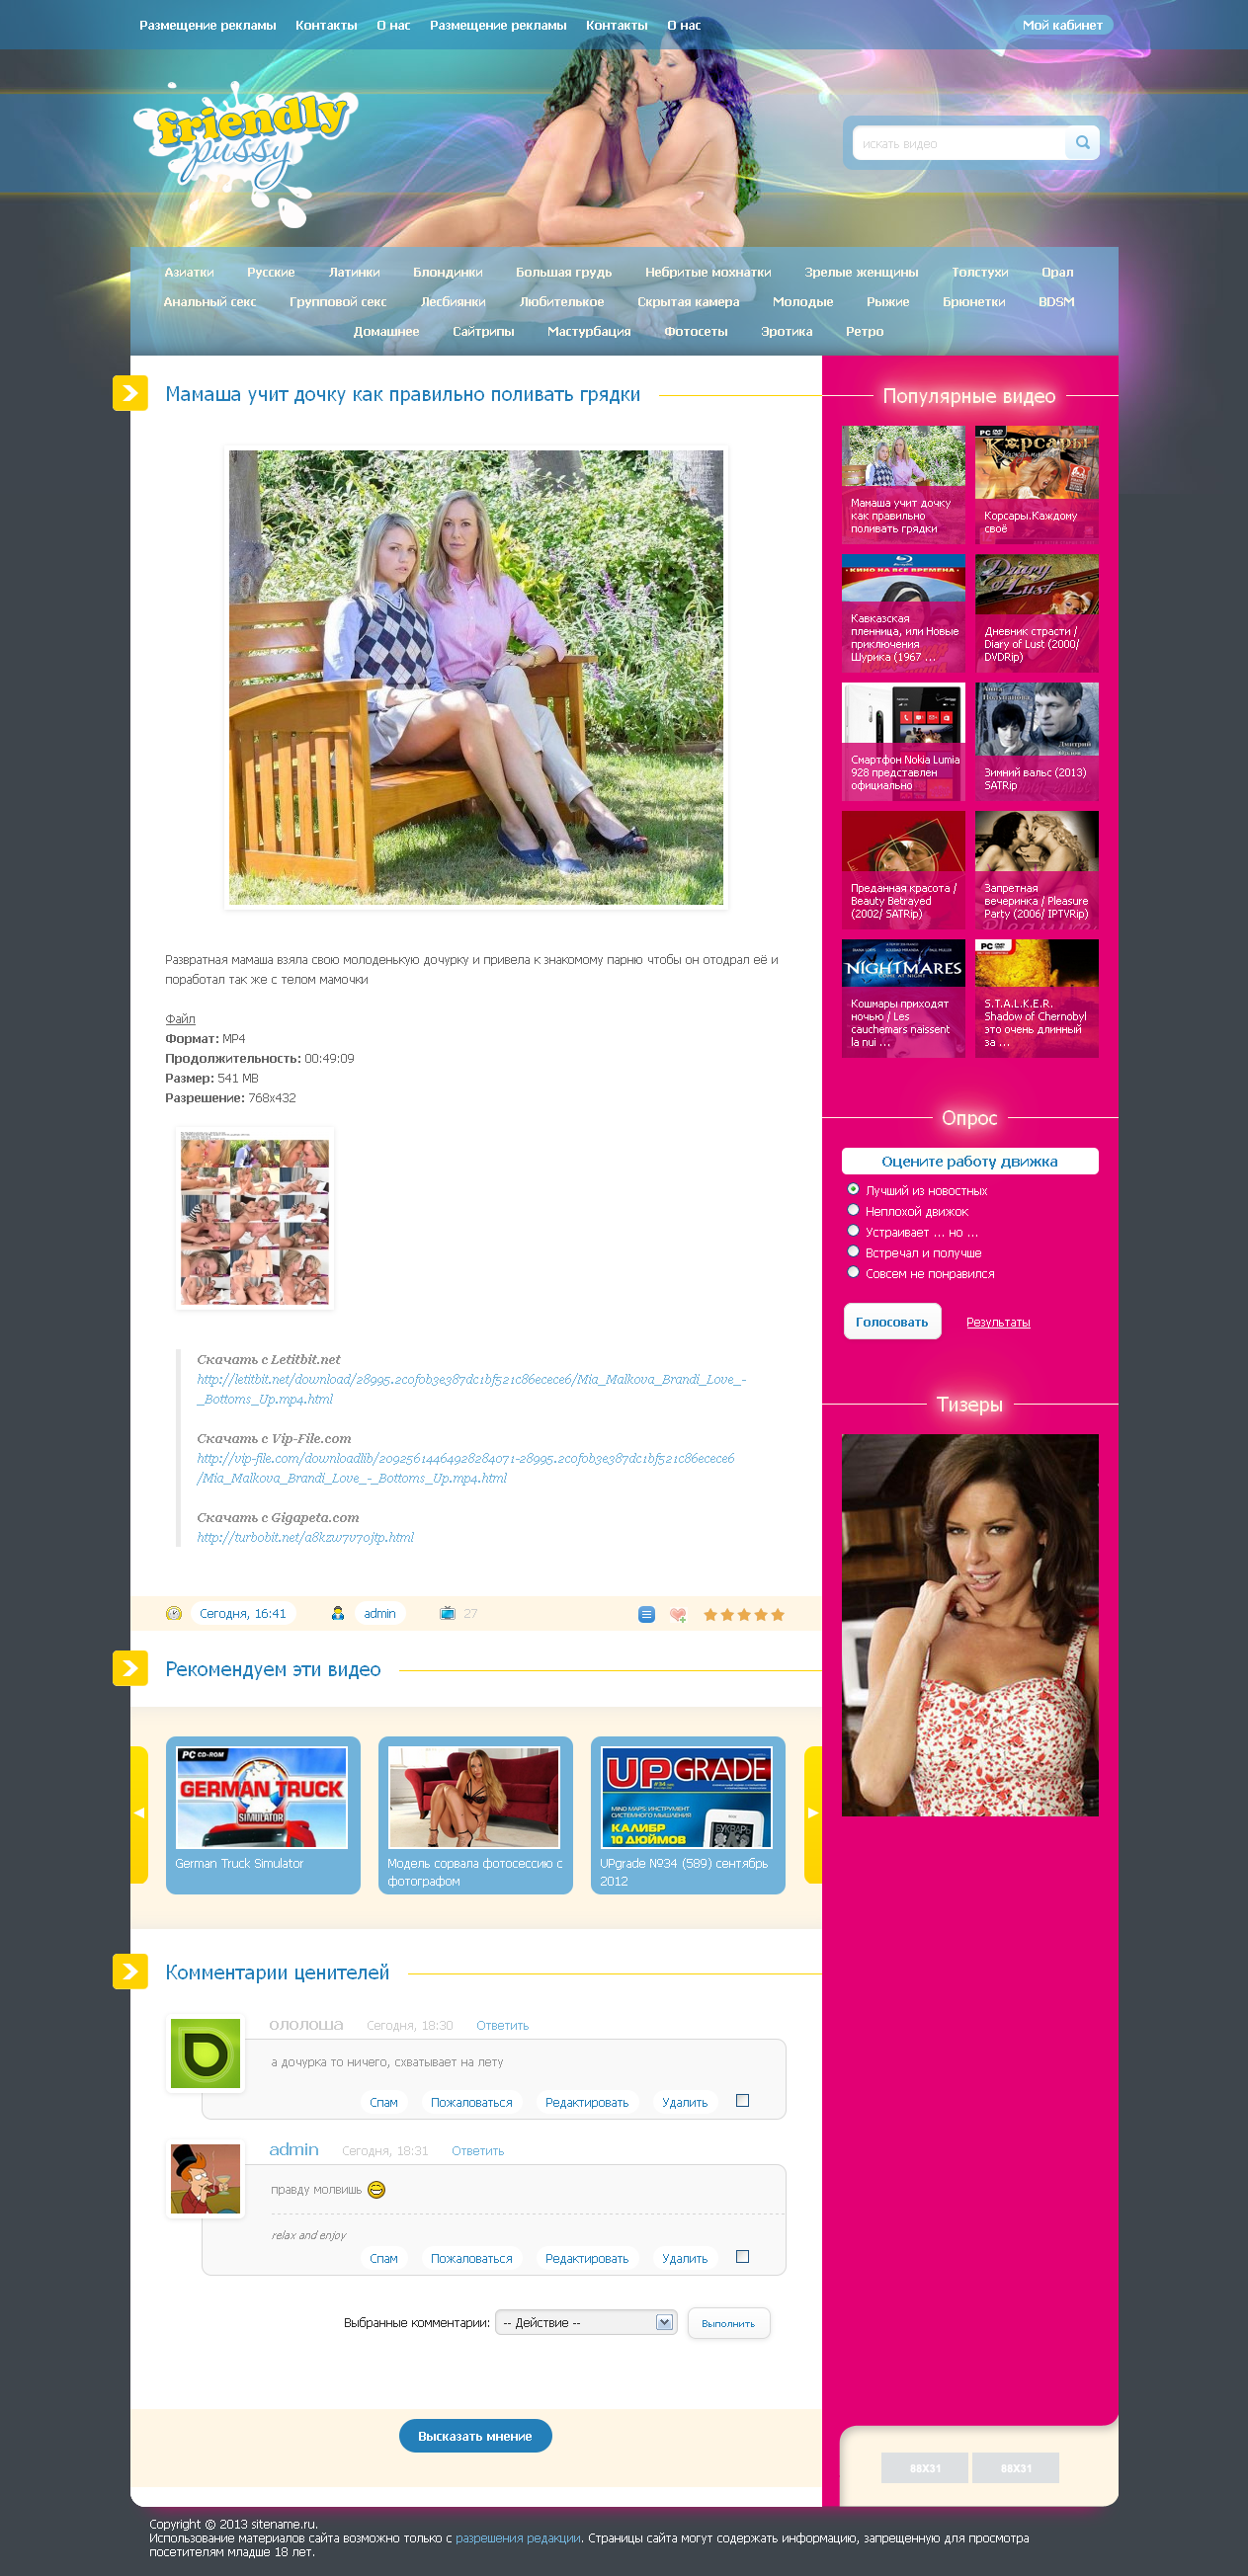 html-eroticheskiy-shablon-dlya-sayta